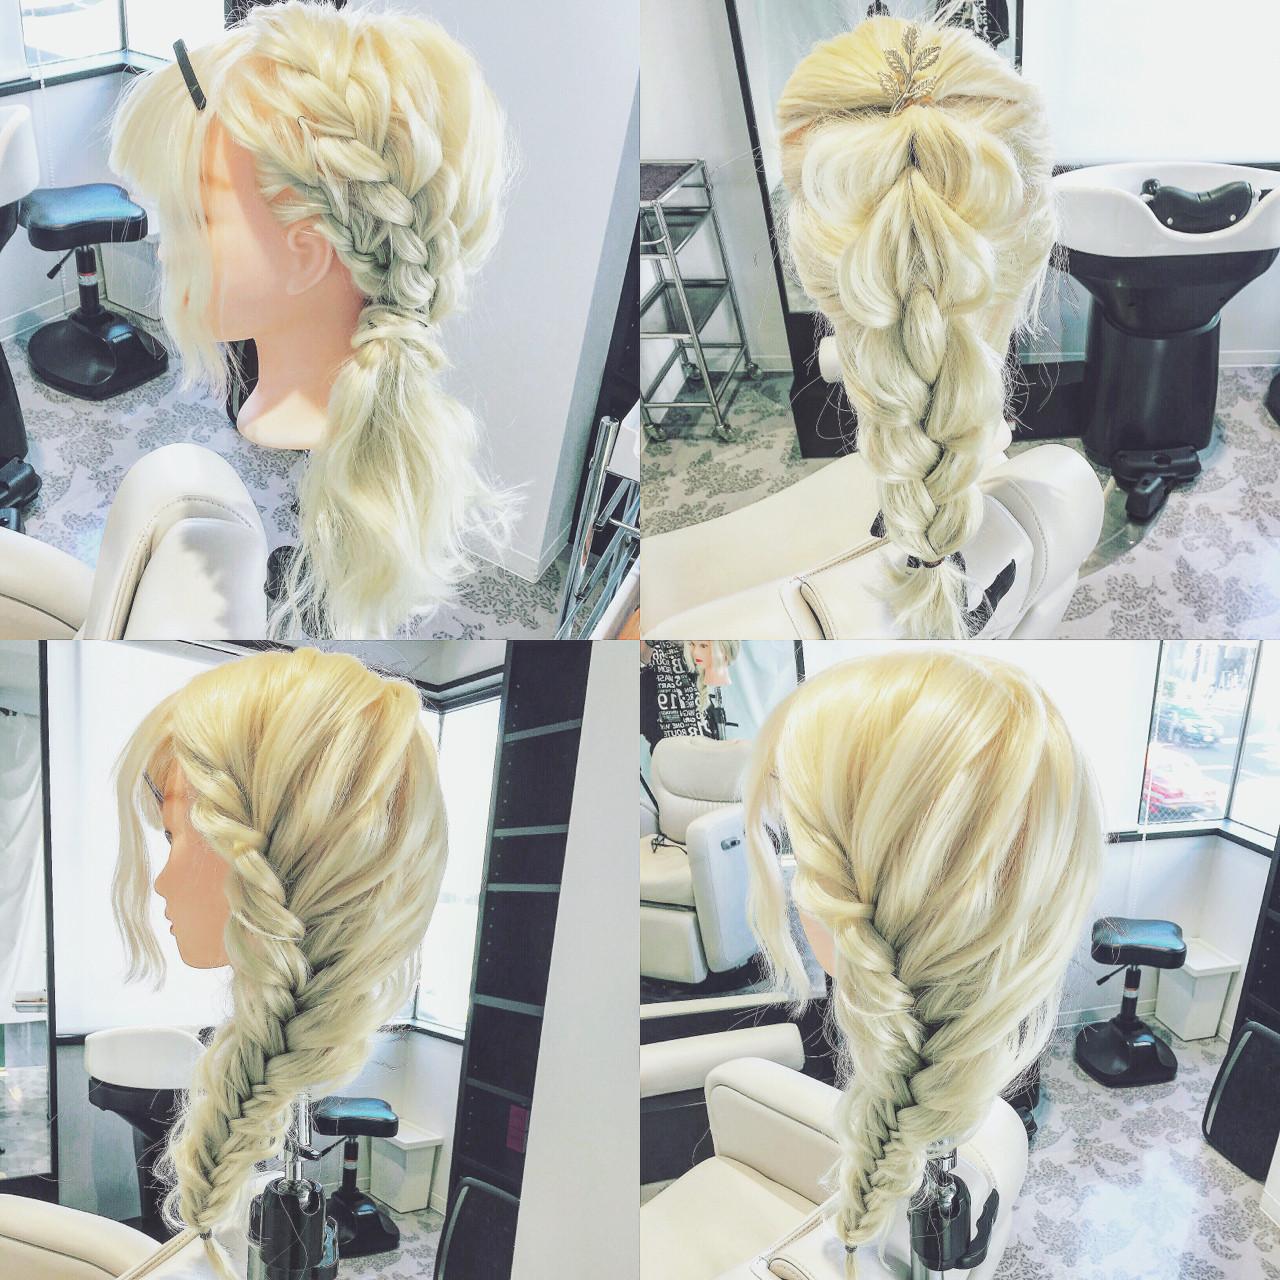 まとめ髪 結婚式 ロング 簡単ヘアアレンジ ヘアスタイルや髪型の写真・画像